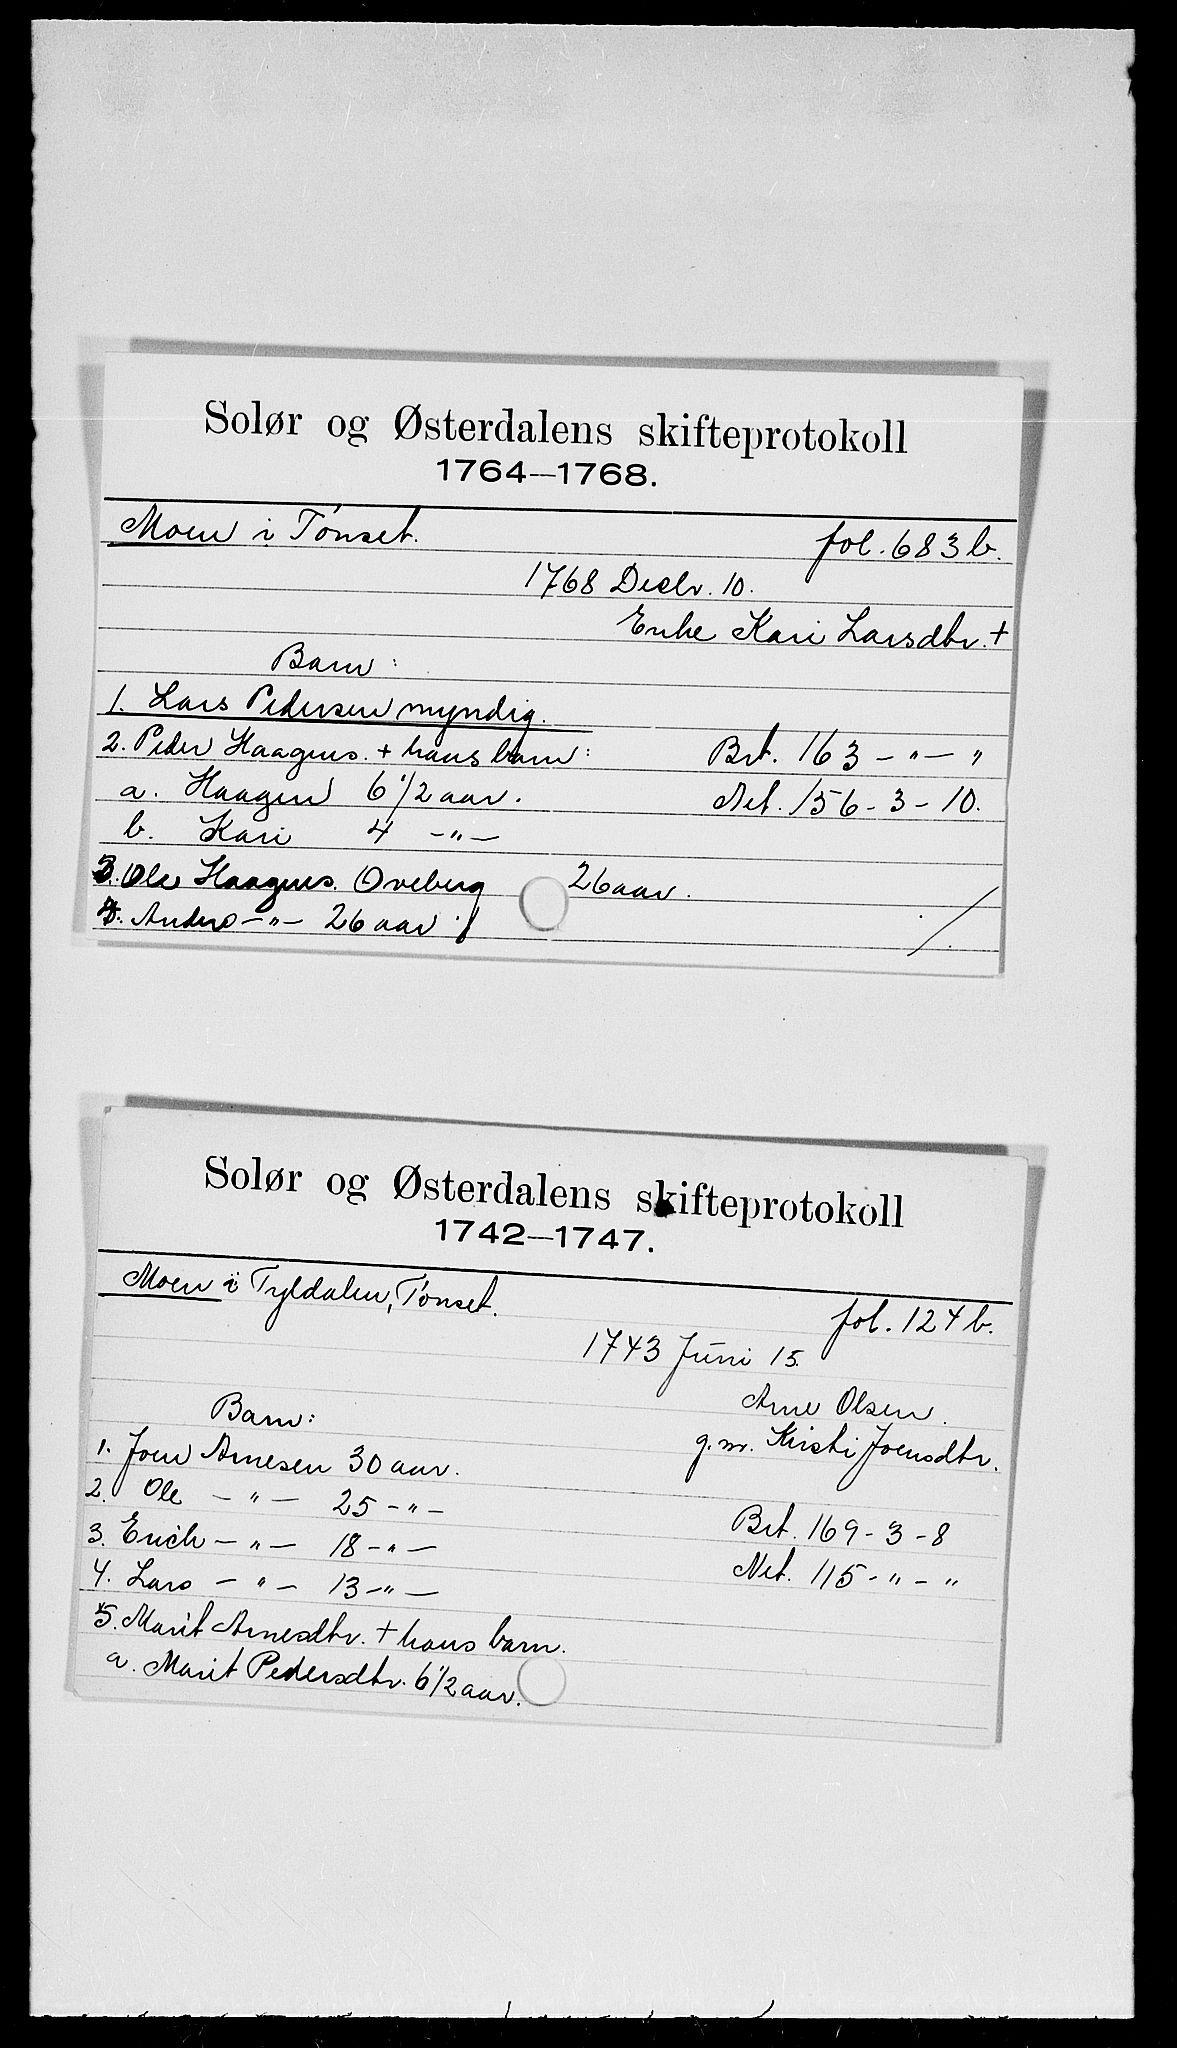 SAH, Solør og Østerdalen sorenskriveri, J, 1716-1774, s. 9034